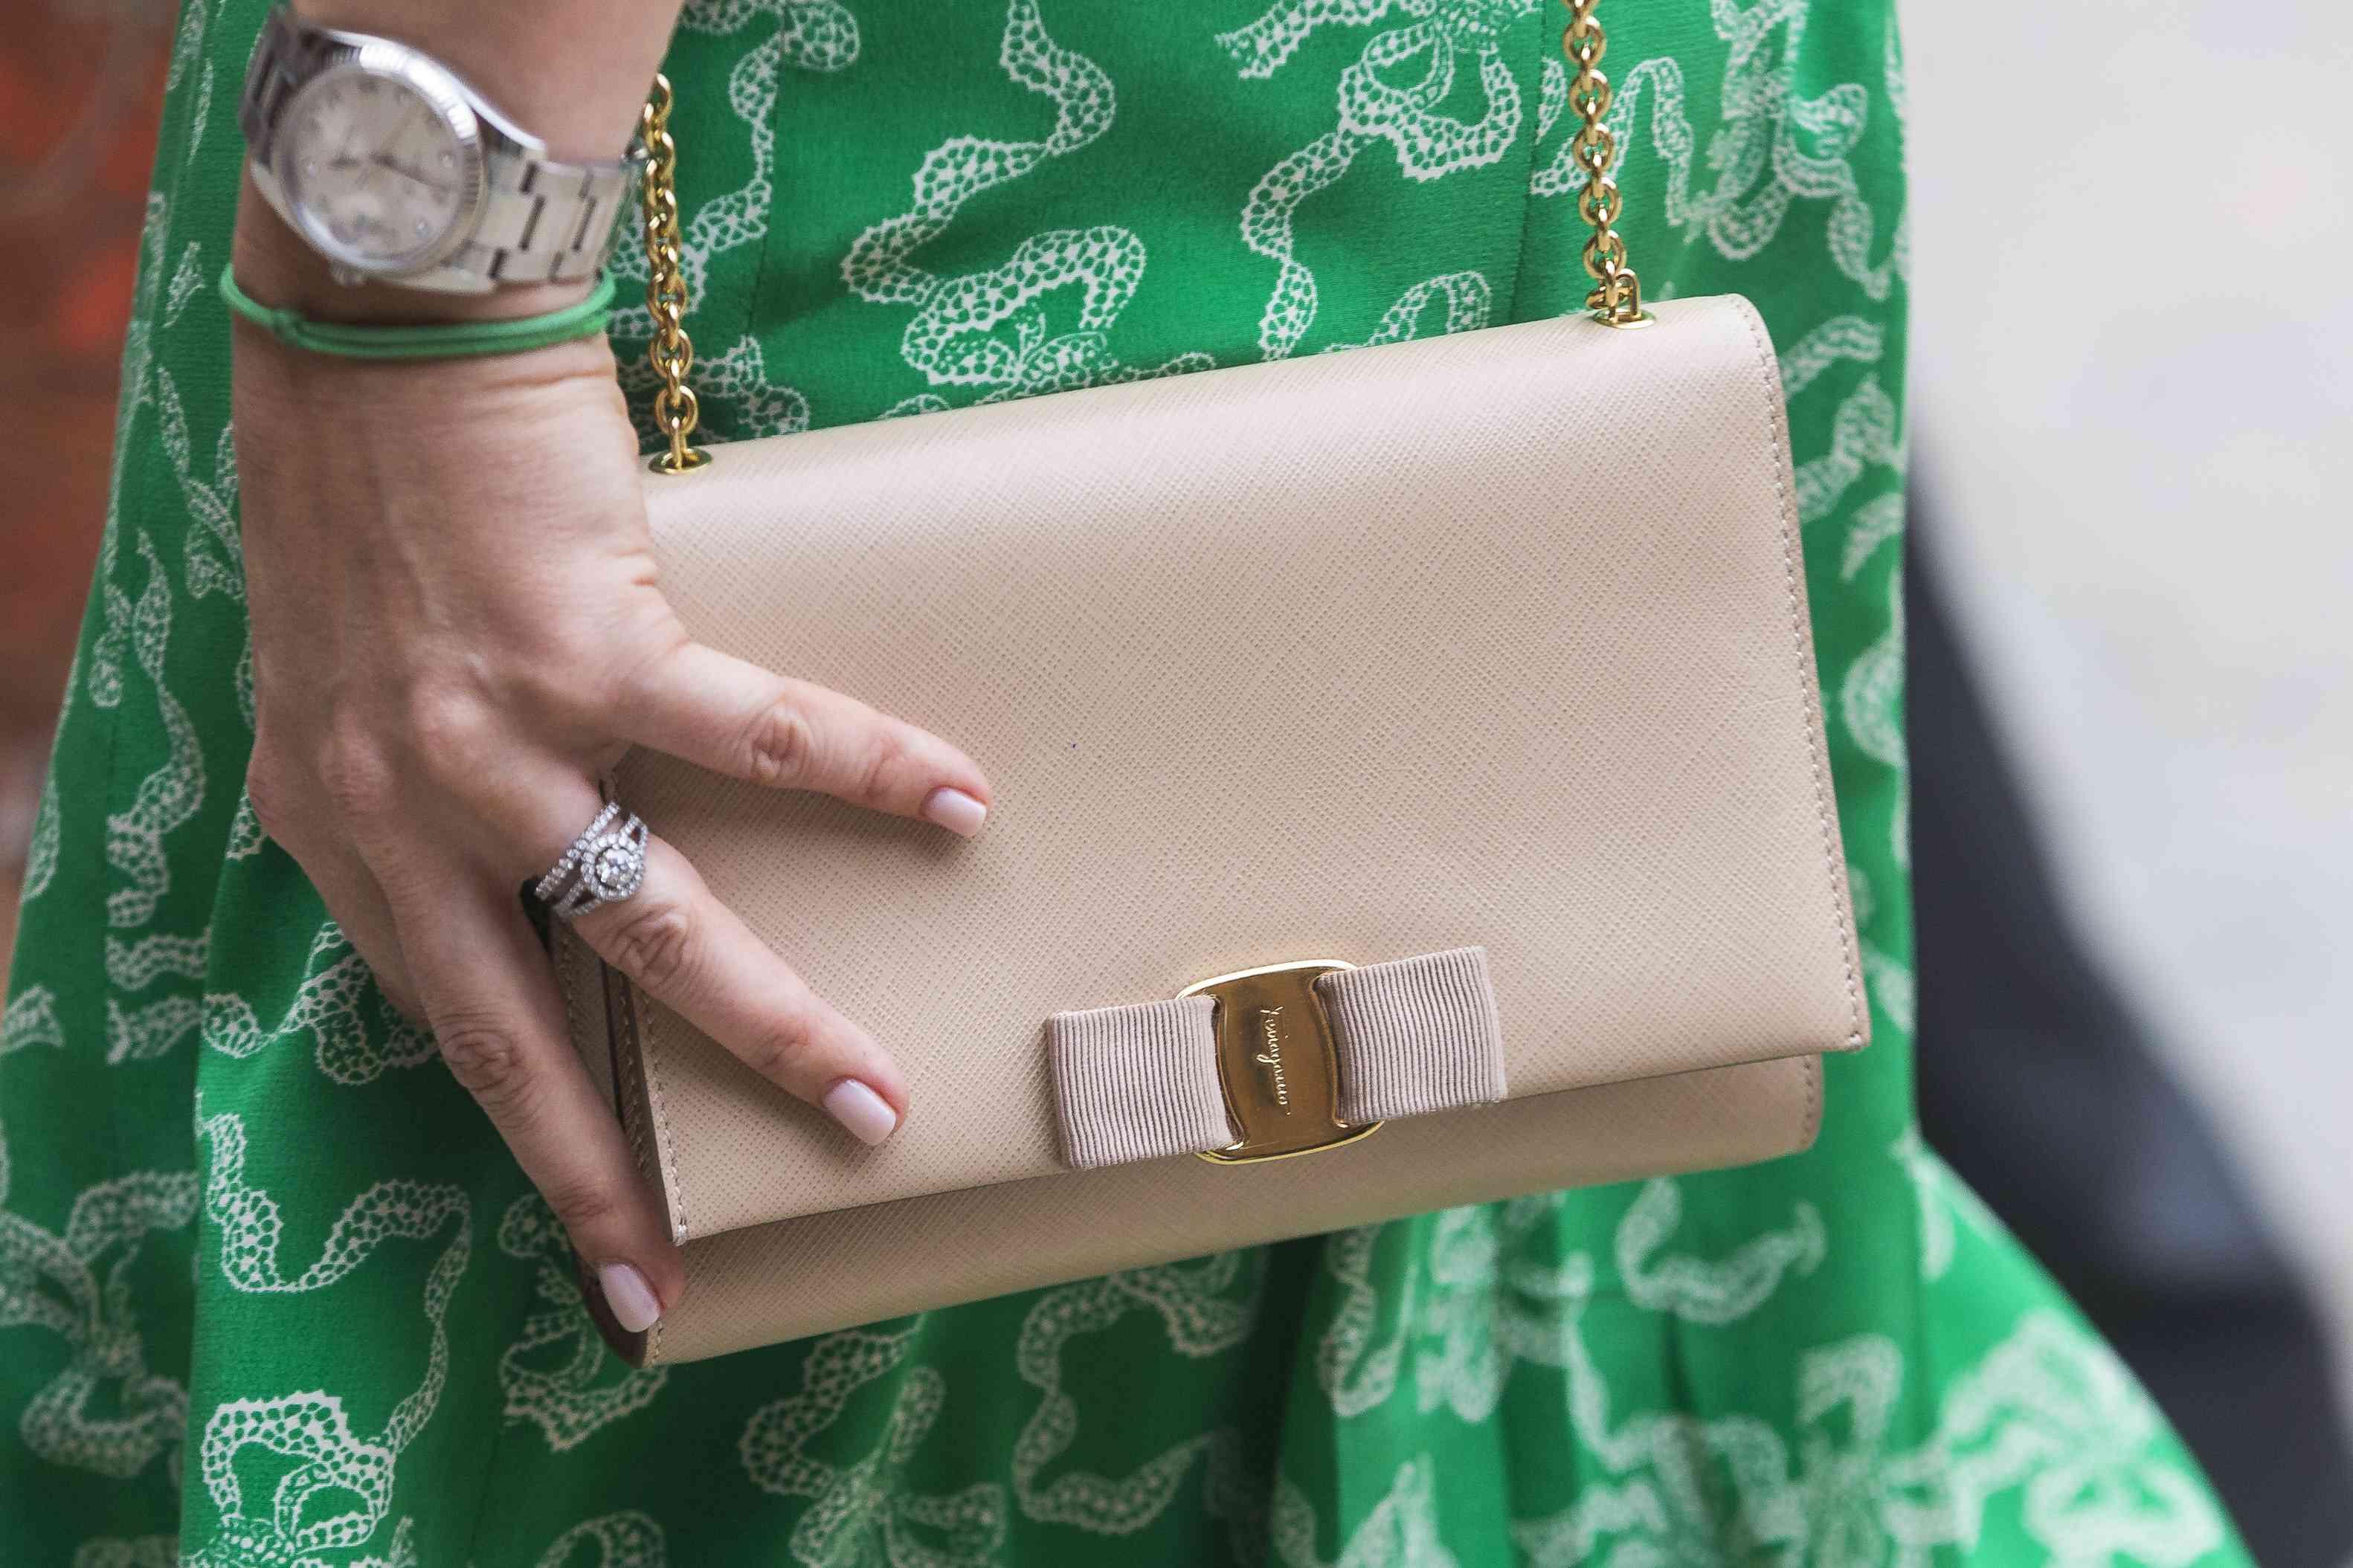 engagement ring and handbag